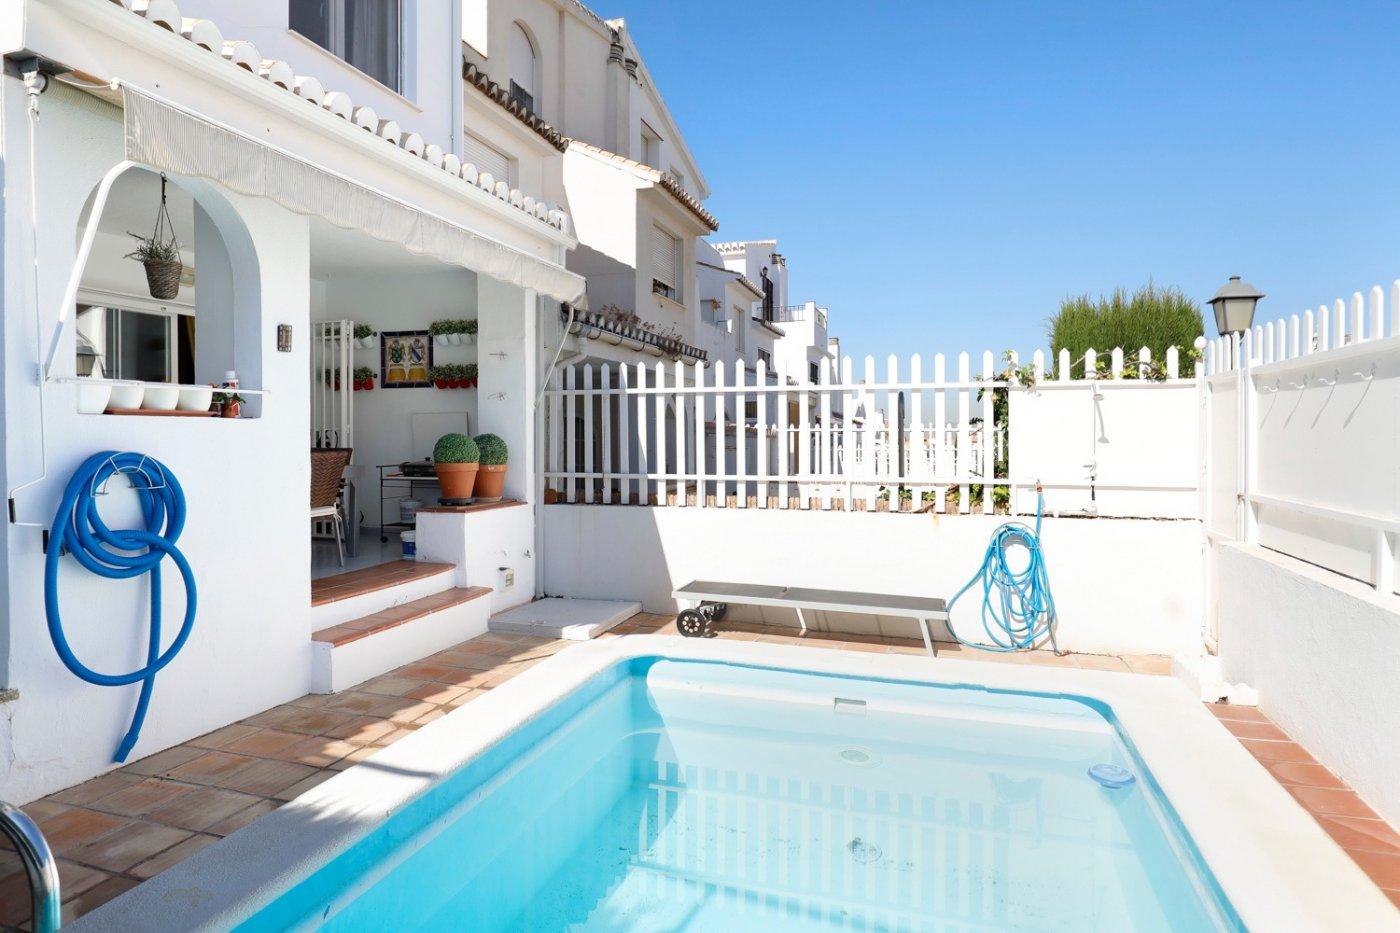 Espectacular casa con piscina propia, reformadisima,. mejor ver., Granada